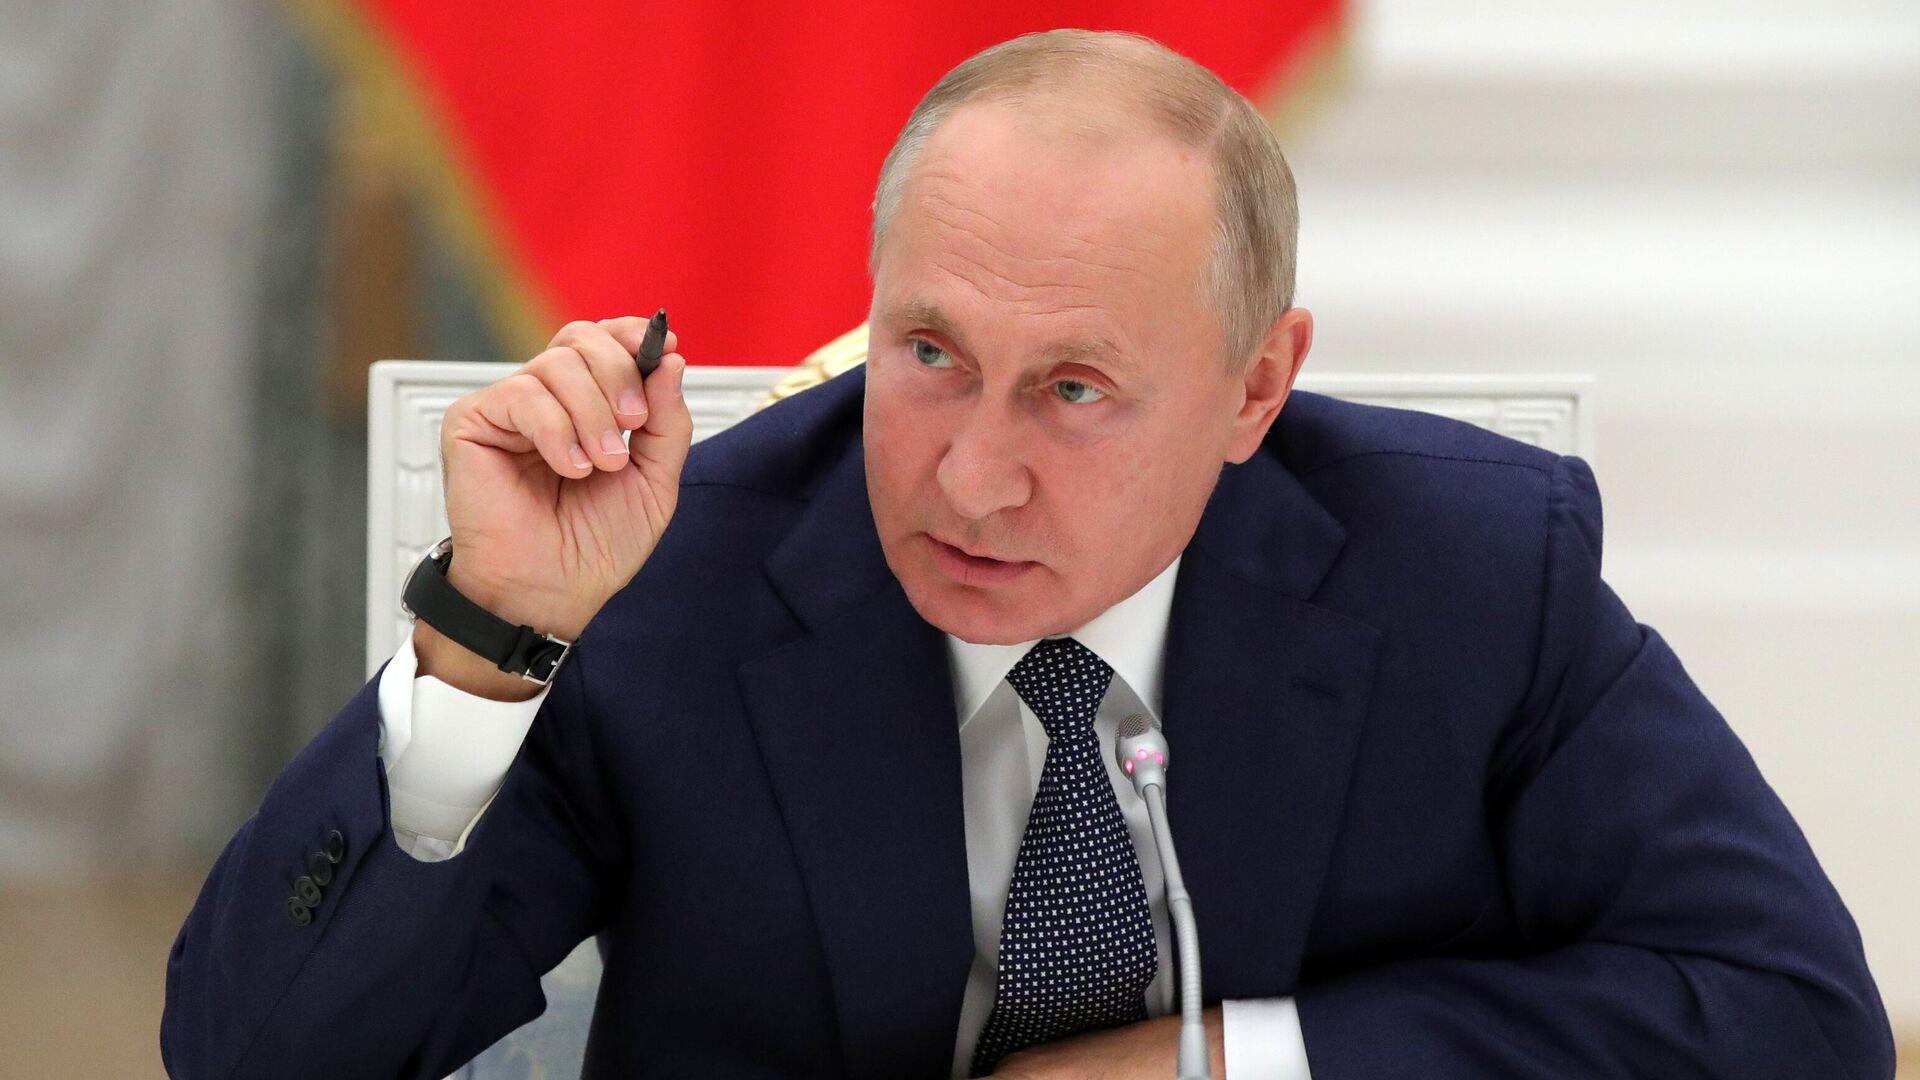 1577676244 0:122:3084:1857 1920x0 80 0 0 805ea0ba863ff8b2ce98f720f8028bb3 - Путин назвал ключевой фактор в оценке любых властей